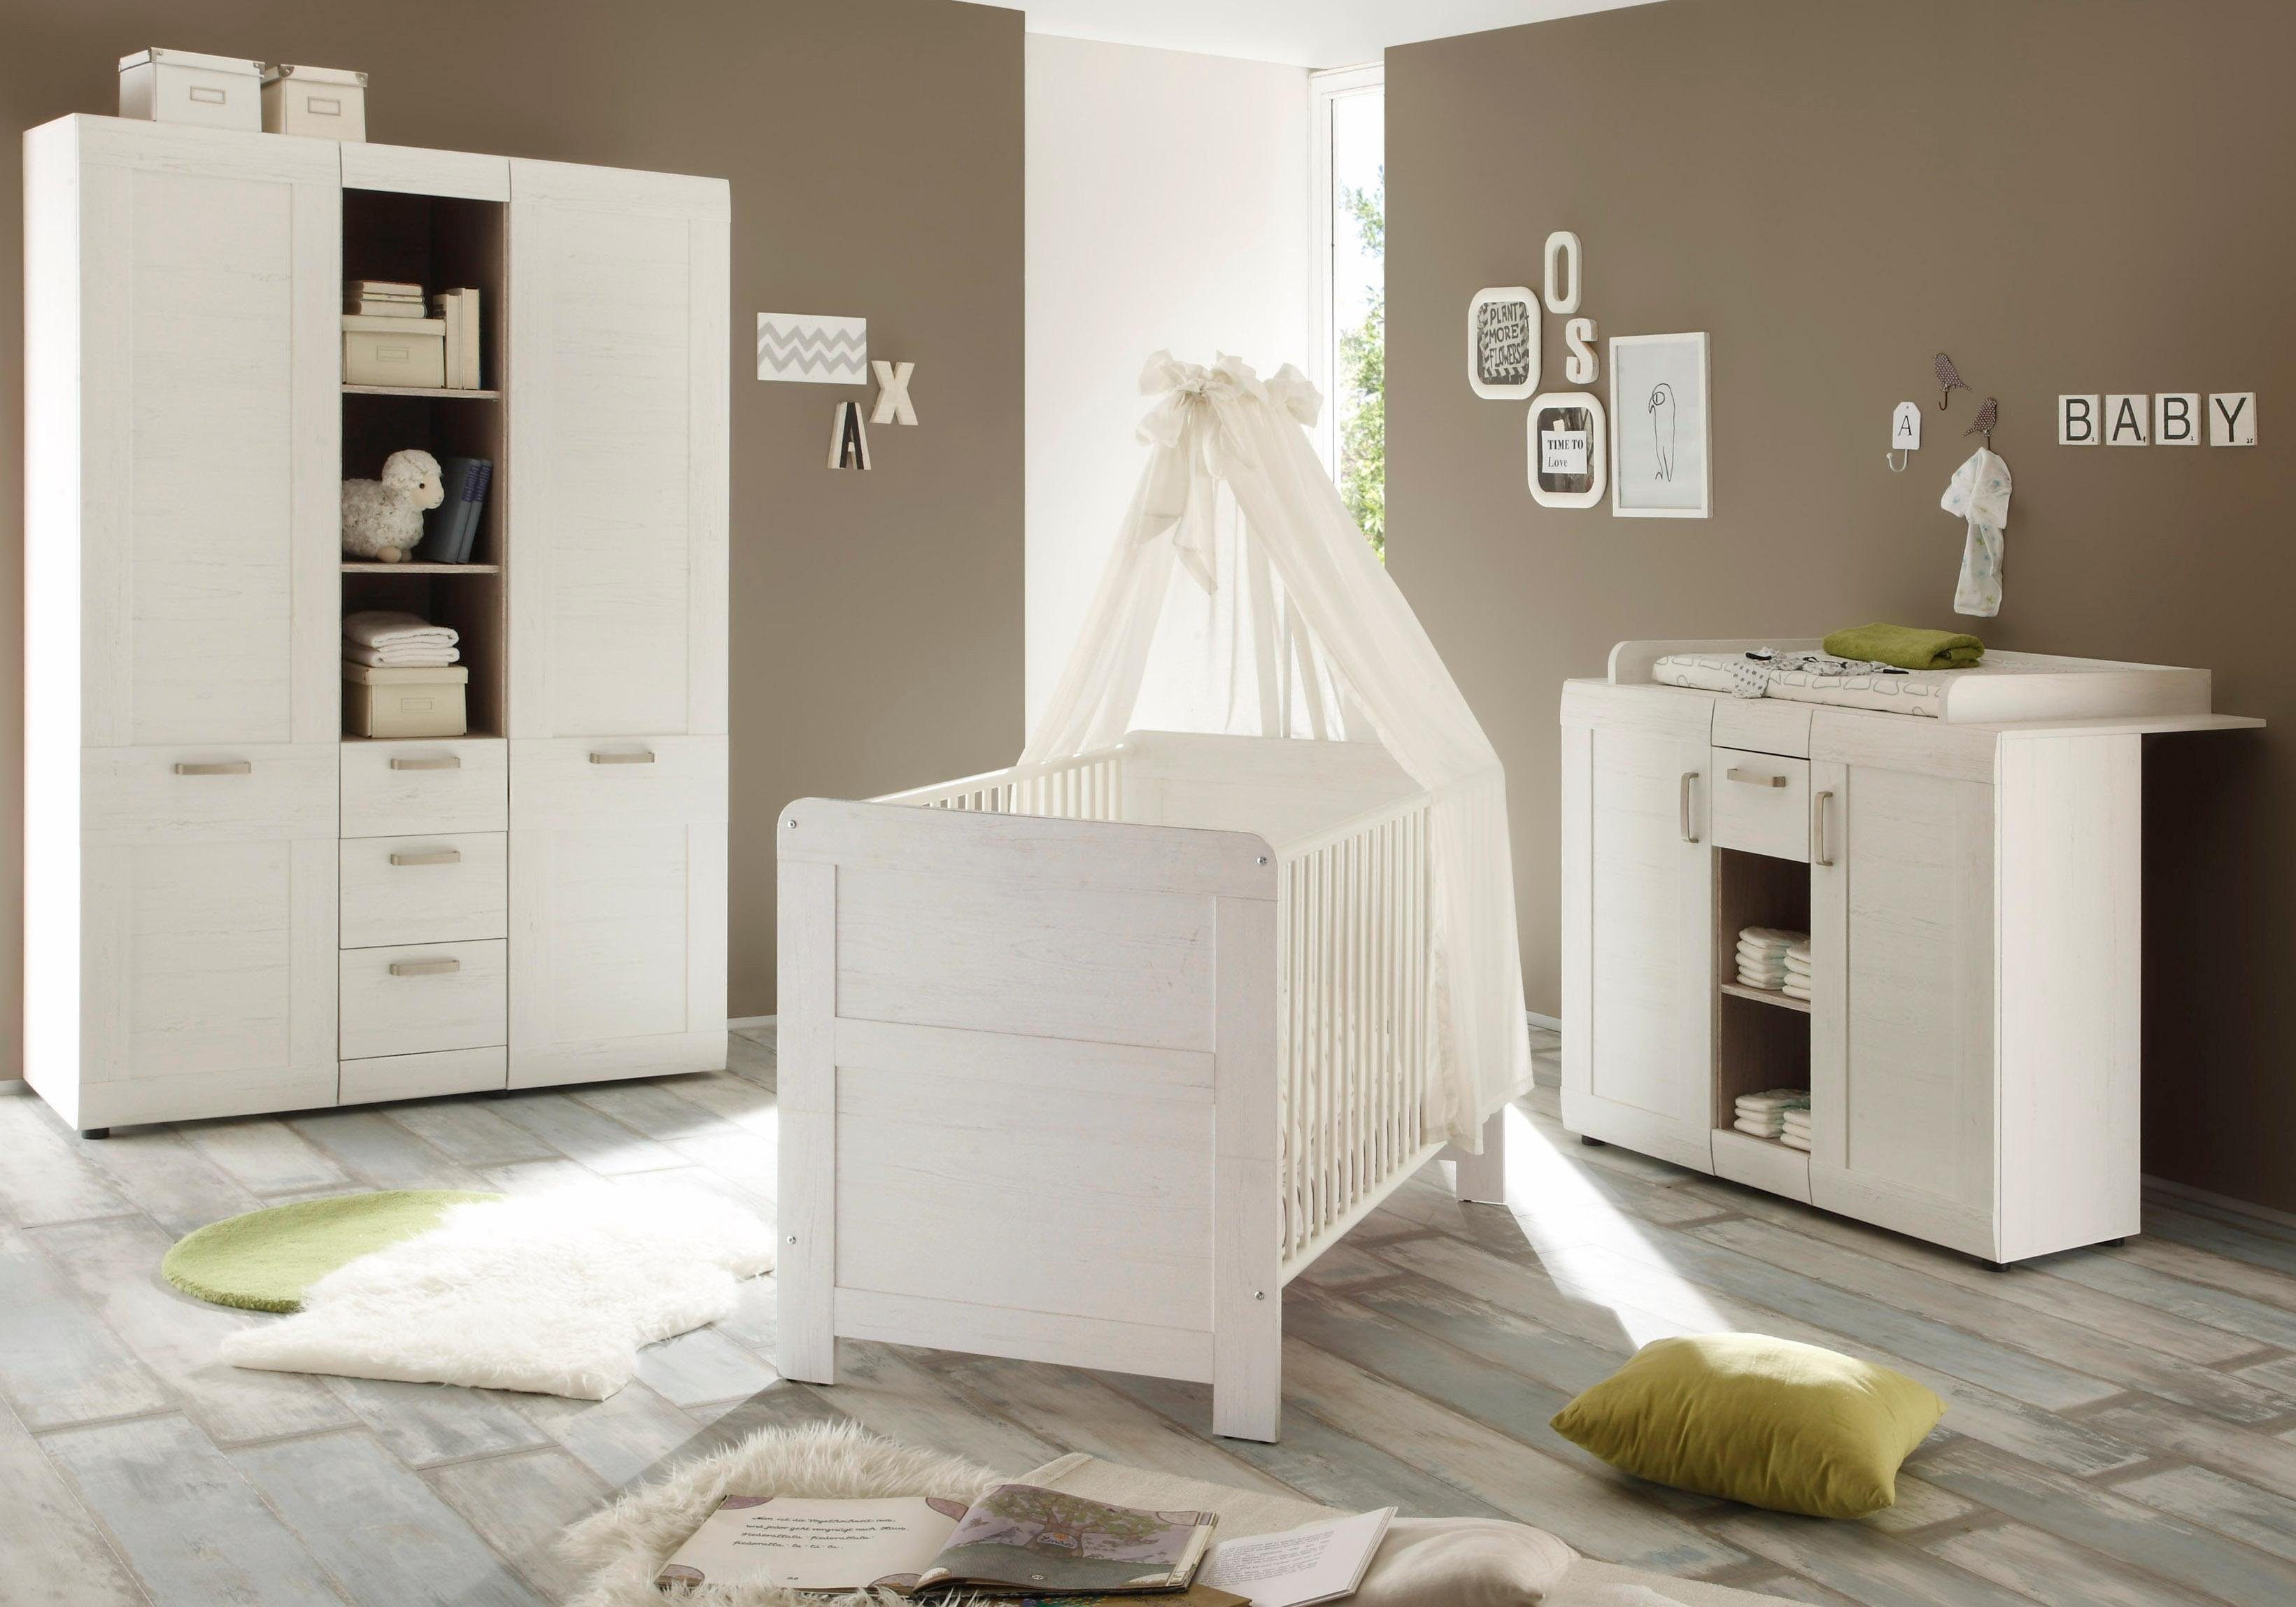 Komplett Babyzimmer »Landhaus« Babybett+Wickelkommode + Kleiderschrank, (3-tlg.) in pinie NB, weiß